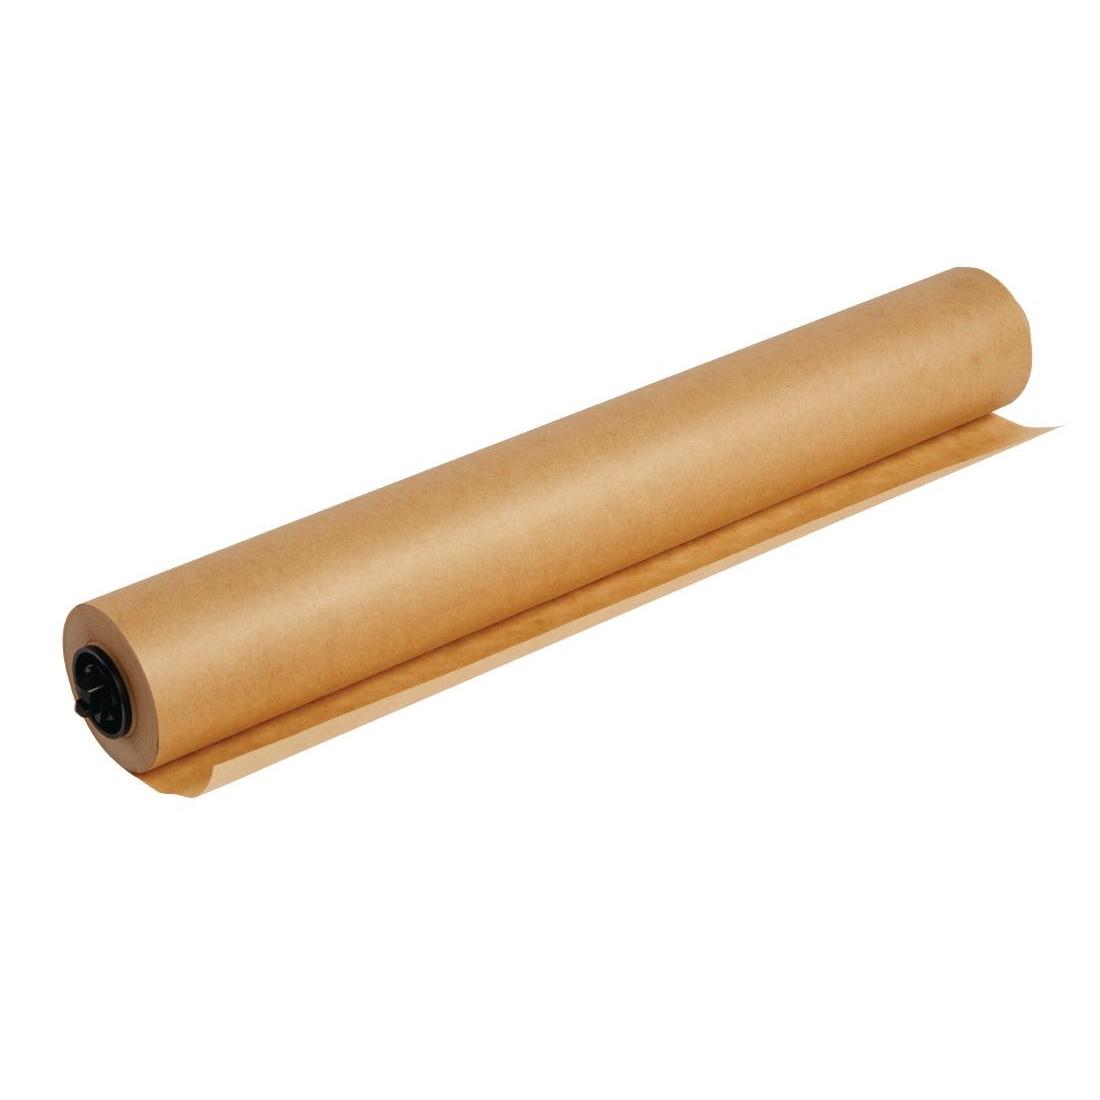 Papier sulfurisé Wrapmaster 50m x 450mm par 3 rouleaux